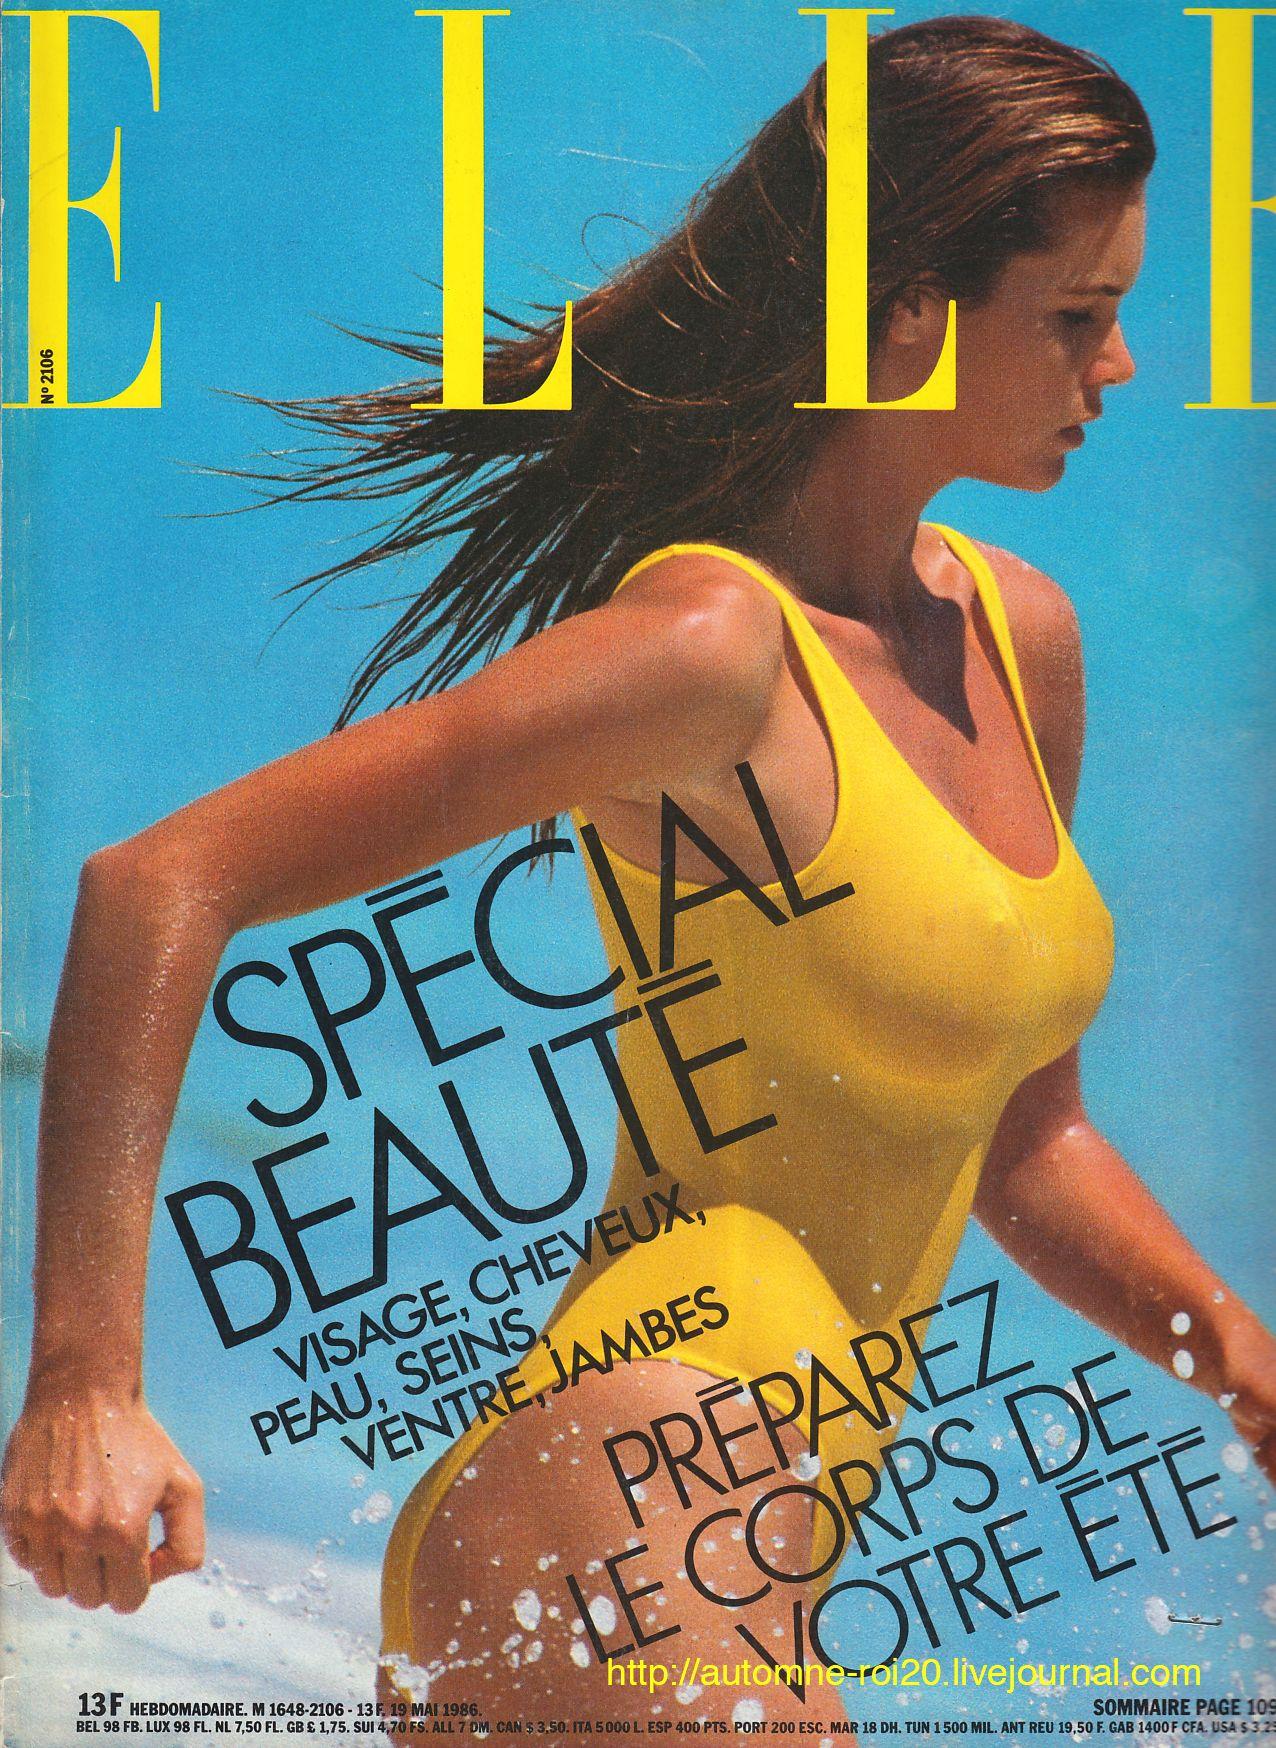 Resultado de imagen de 80's 90' summer fashion covers magazines